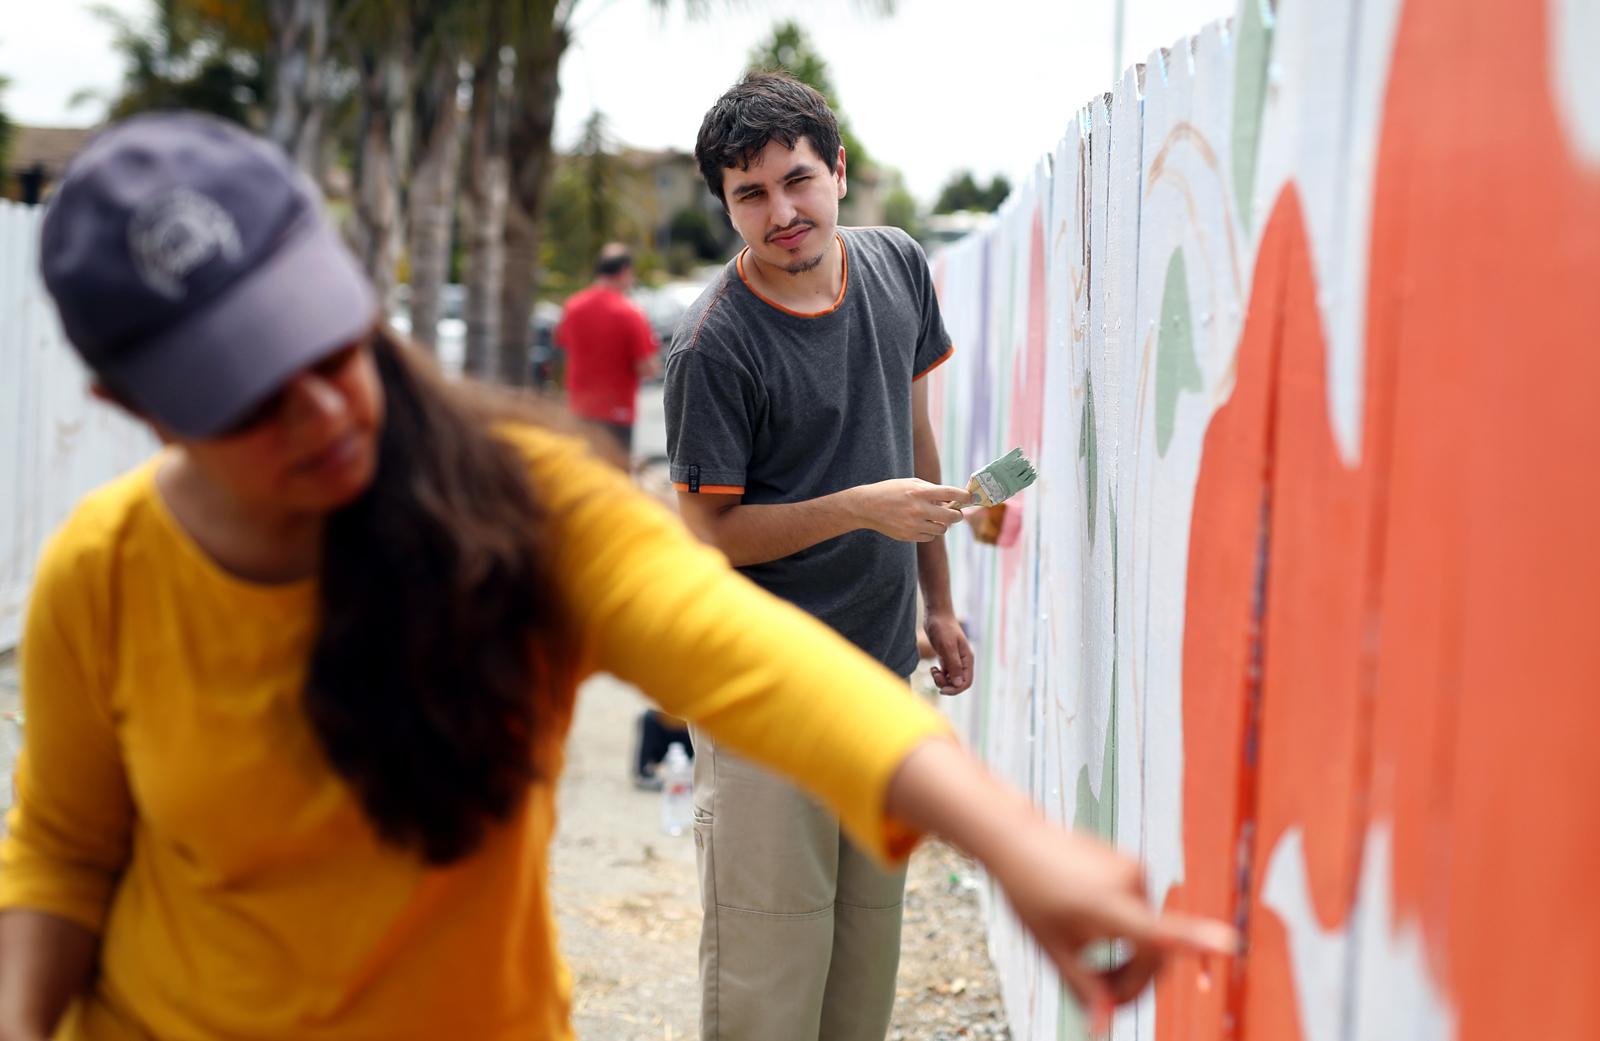 STC-L-rmgraffiti-0629-01